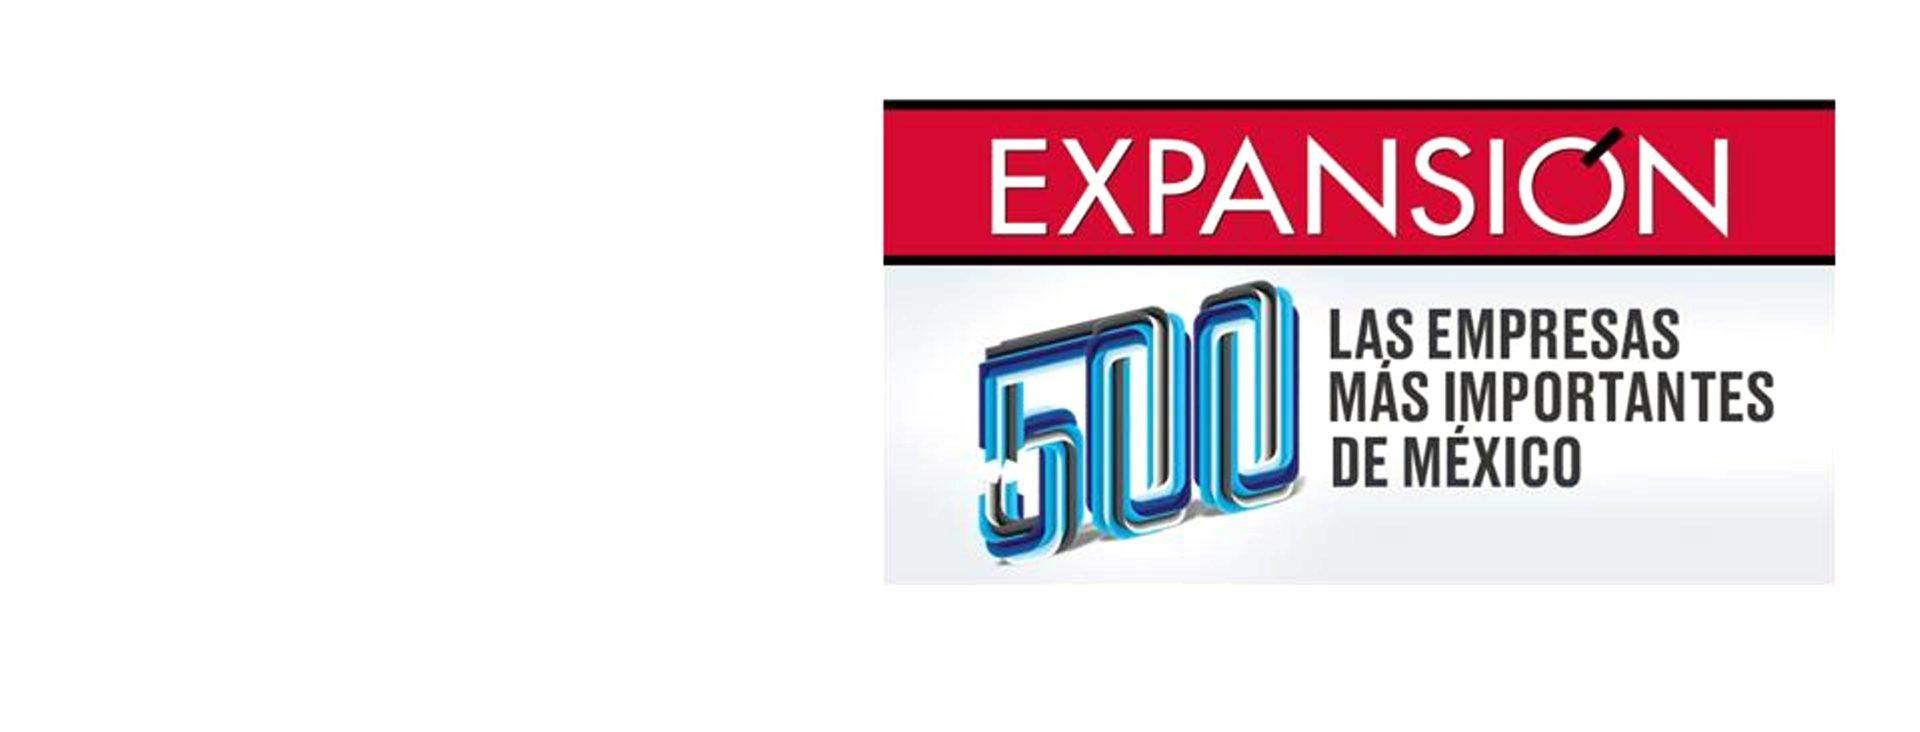 Portada 500 empresas de Expansión